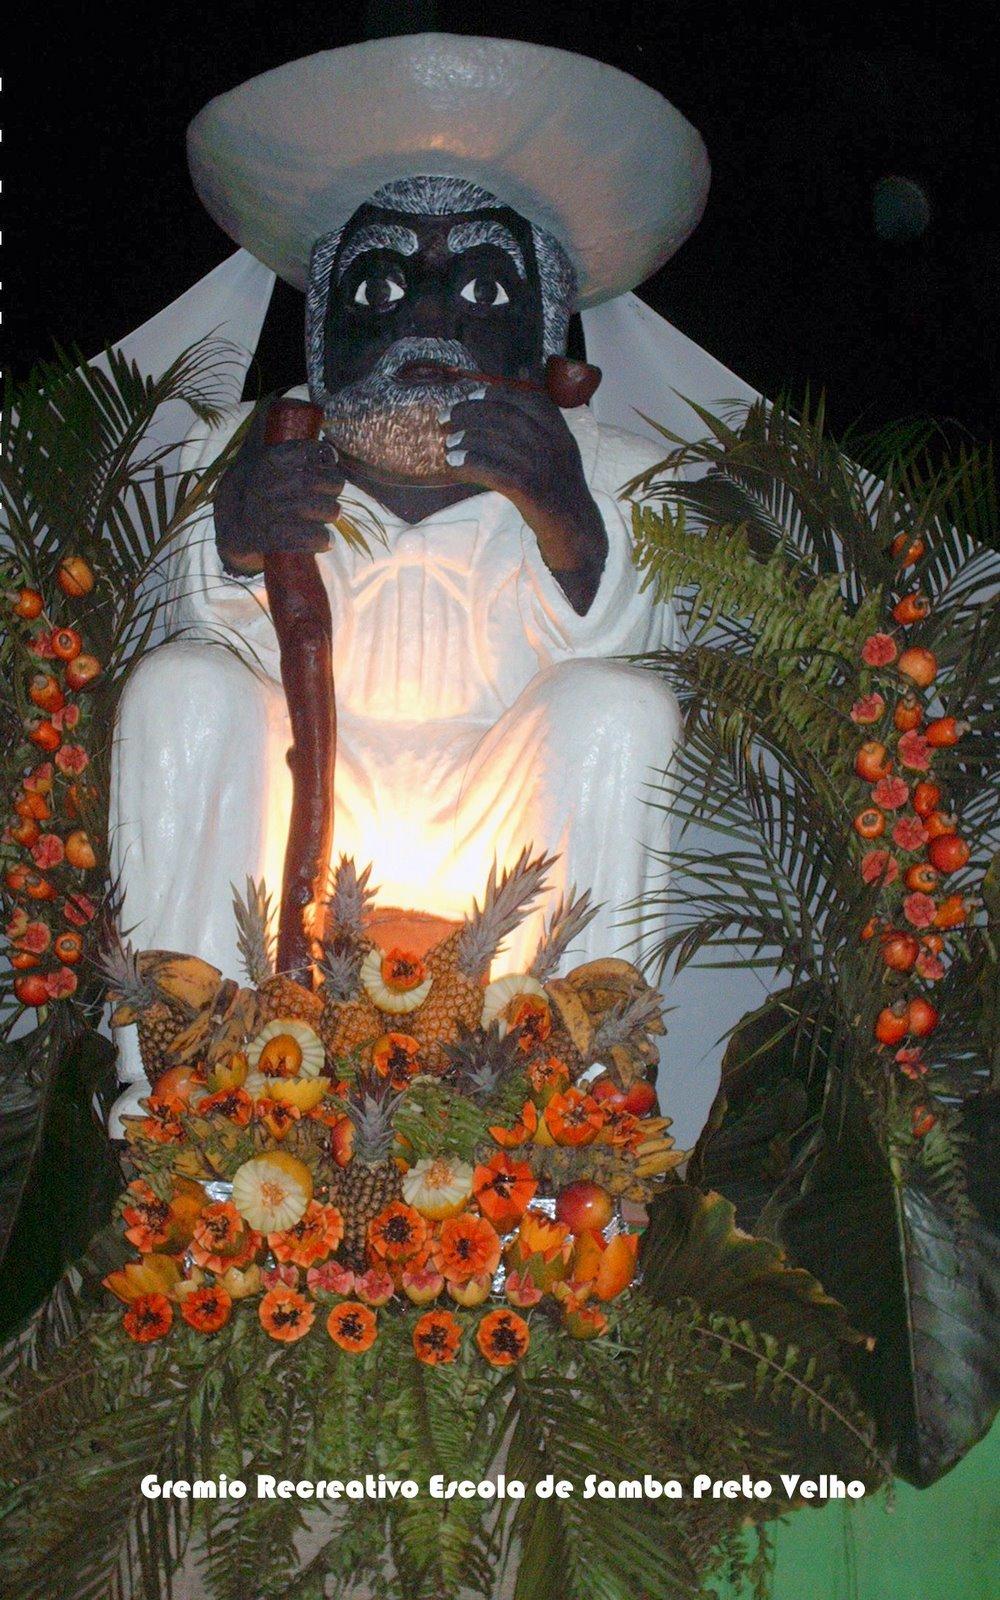 G.R.E.S. PRETO VELHO - Rua Bispo Coutinho, 681 Alto da Sé Olinda